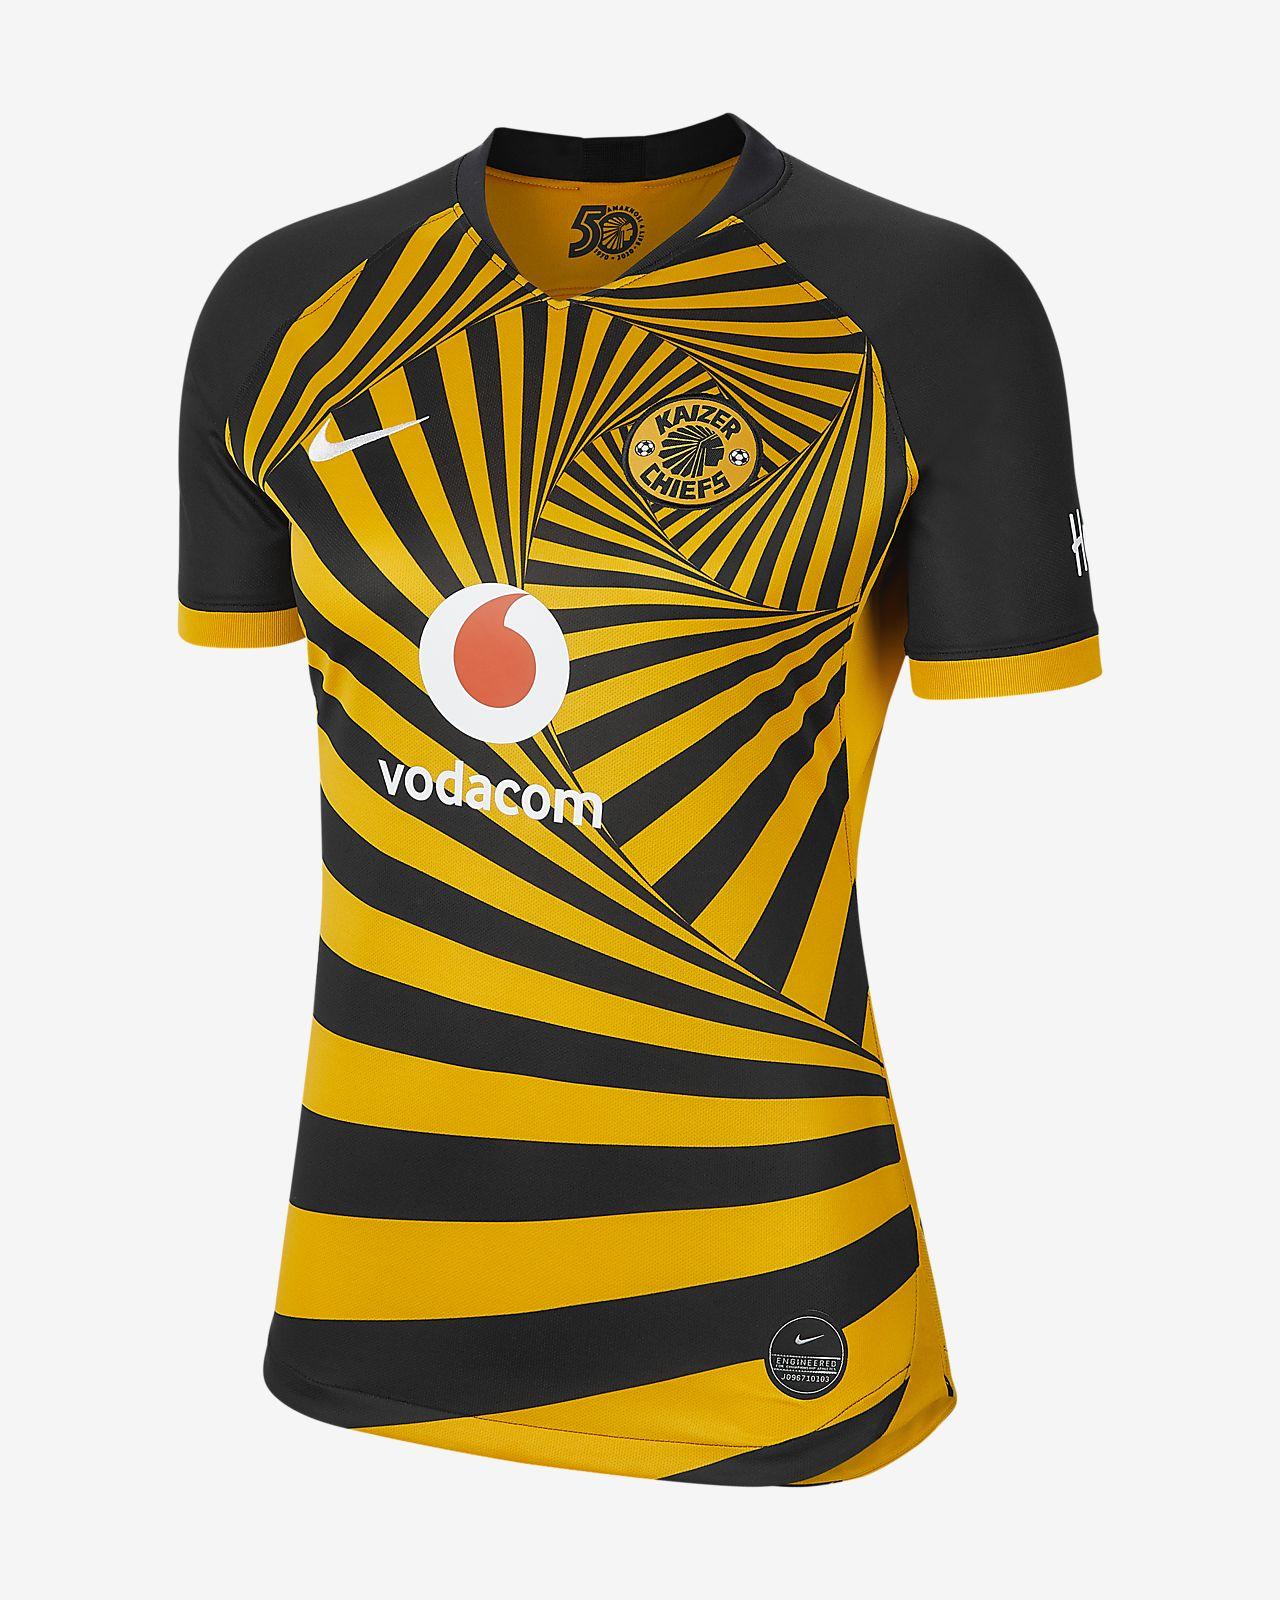 Kaizer Chiefs F.C. 2019/20 Stadium Home Damen-Fußballtrikot